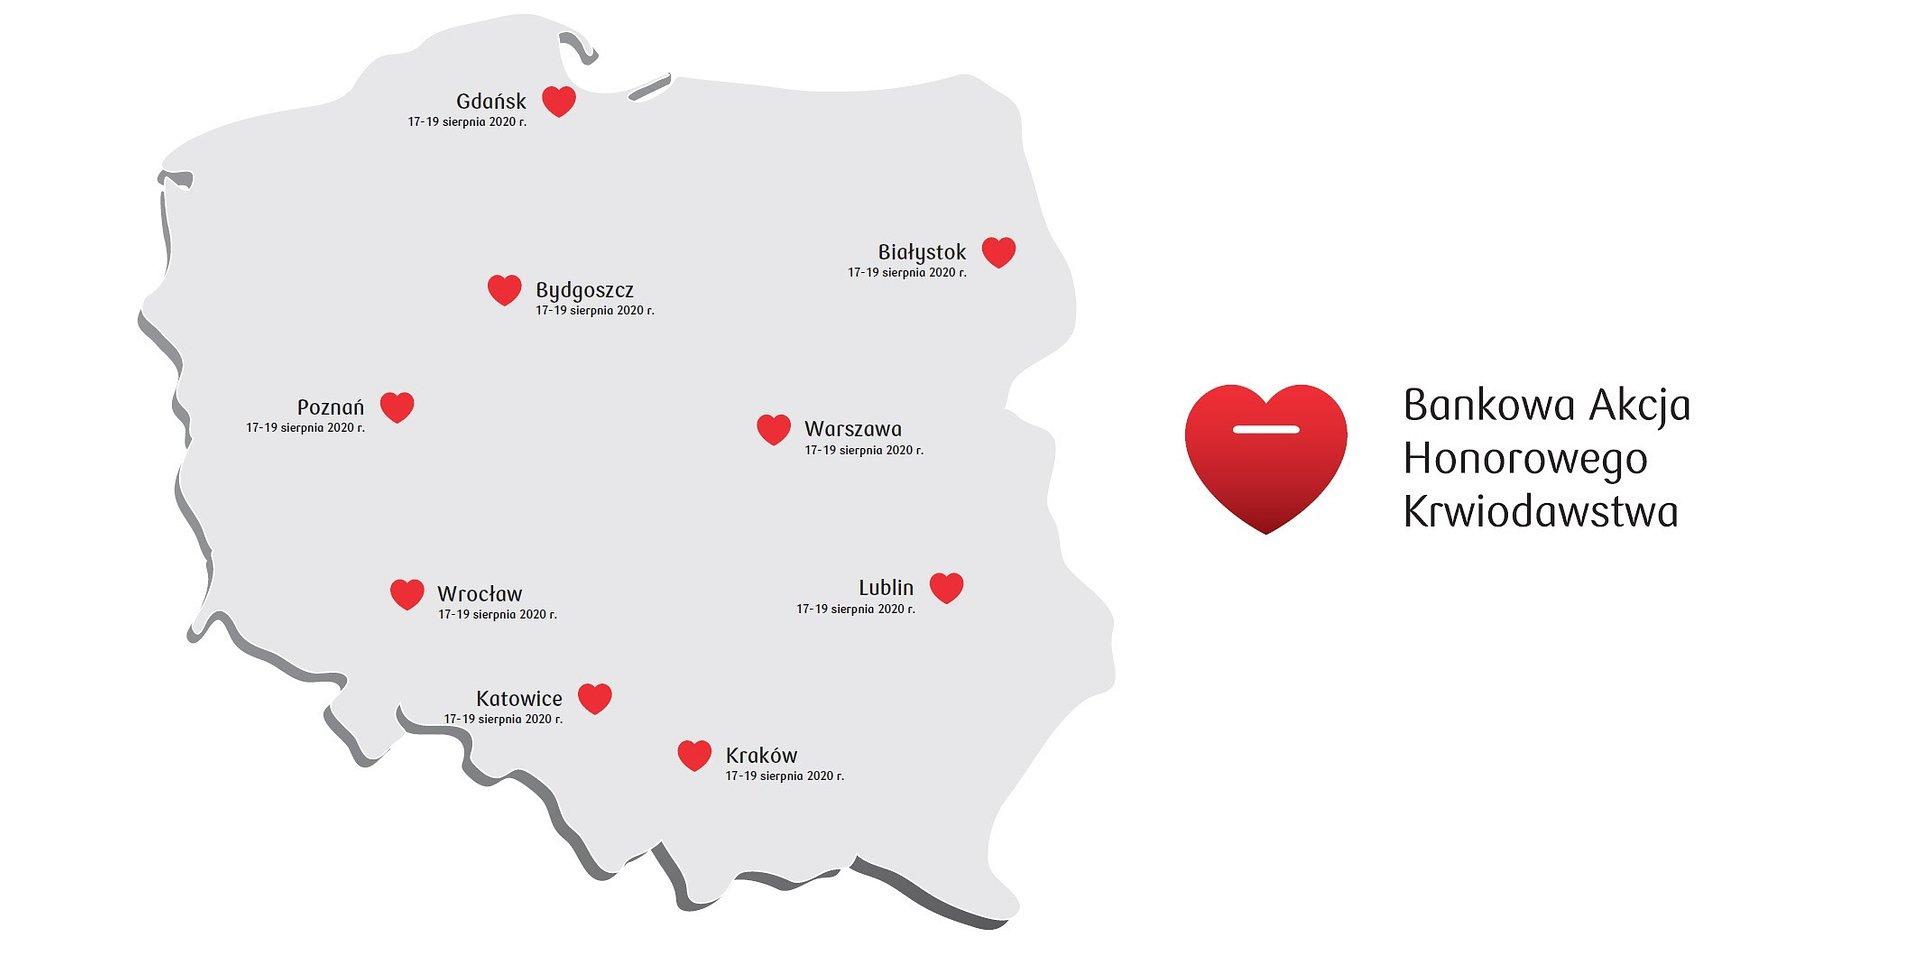 Przyłącz się do Bankowej Akcji Honorowego Krwiodawstwa w Lublinie